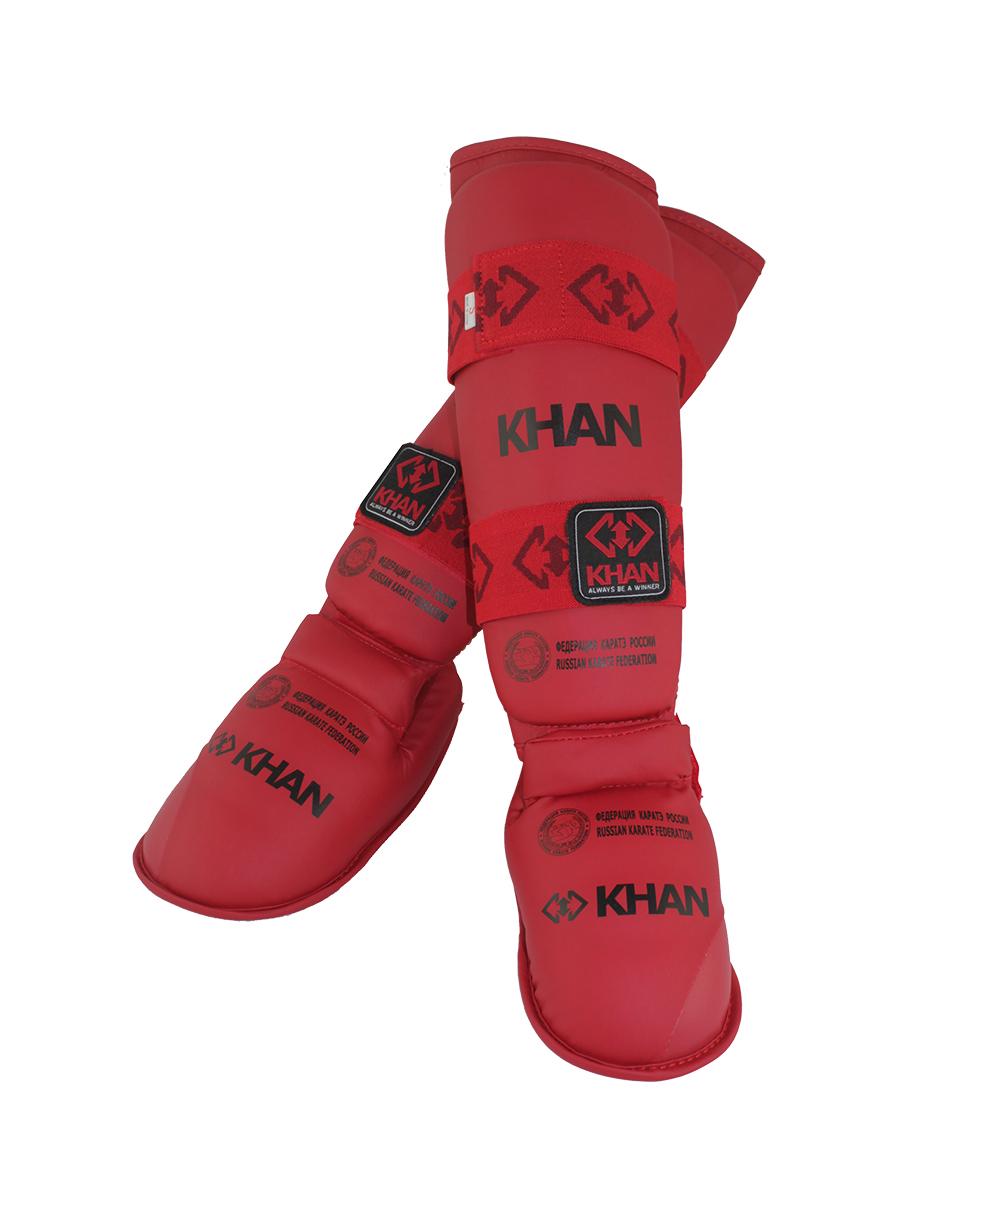 Защита голени и стопы Khan Каратэ ФКР, FKR23001_2, красный, размер S защита торса khan каратэ фкр fkr5000 4 бежевый размер l